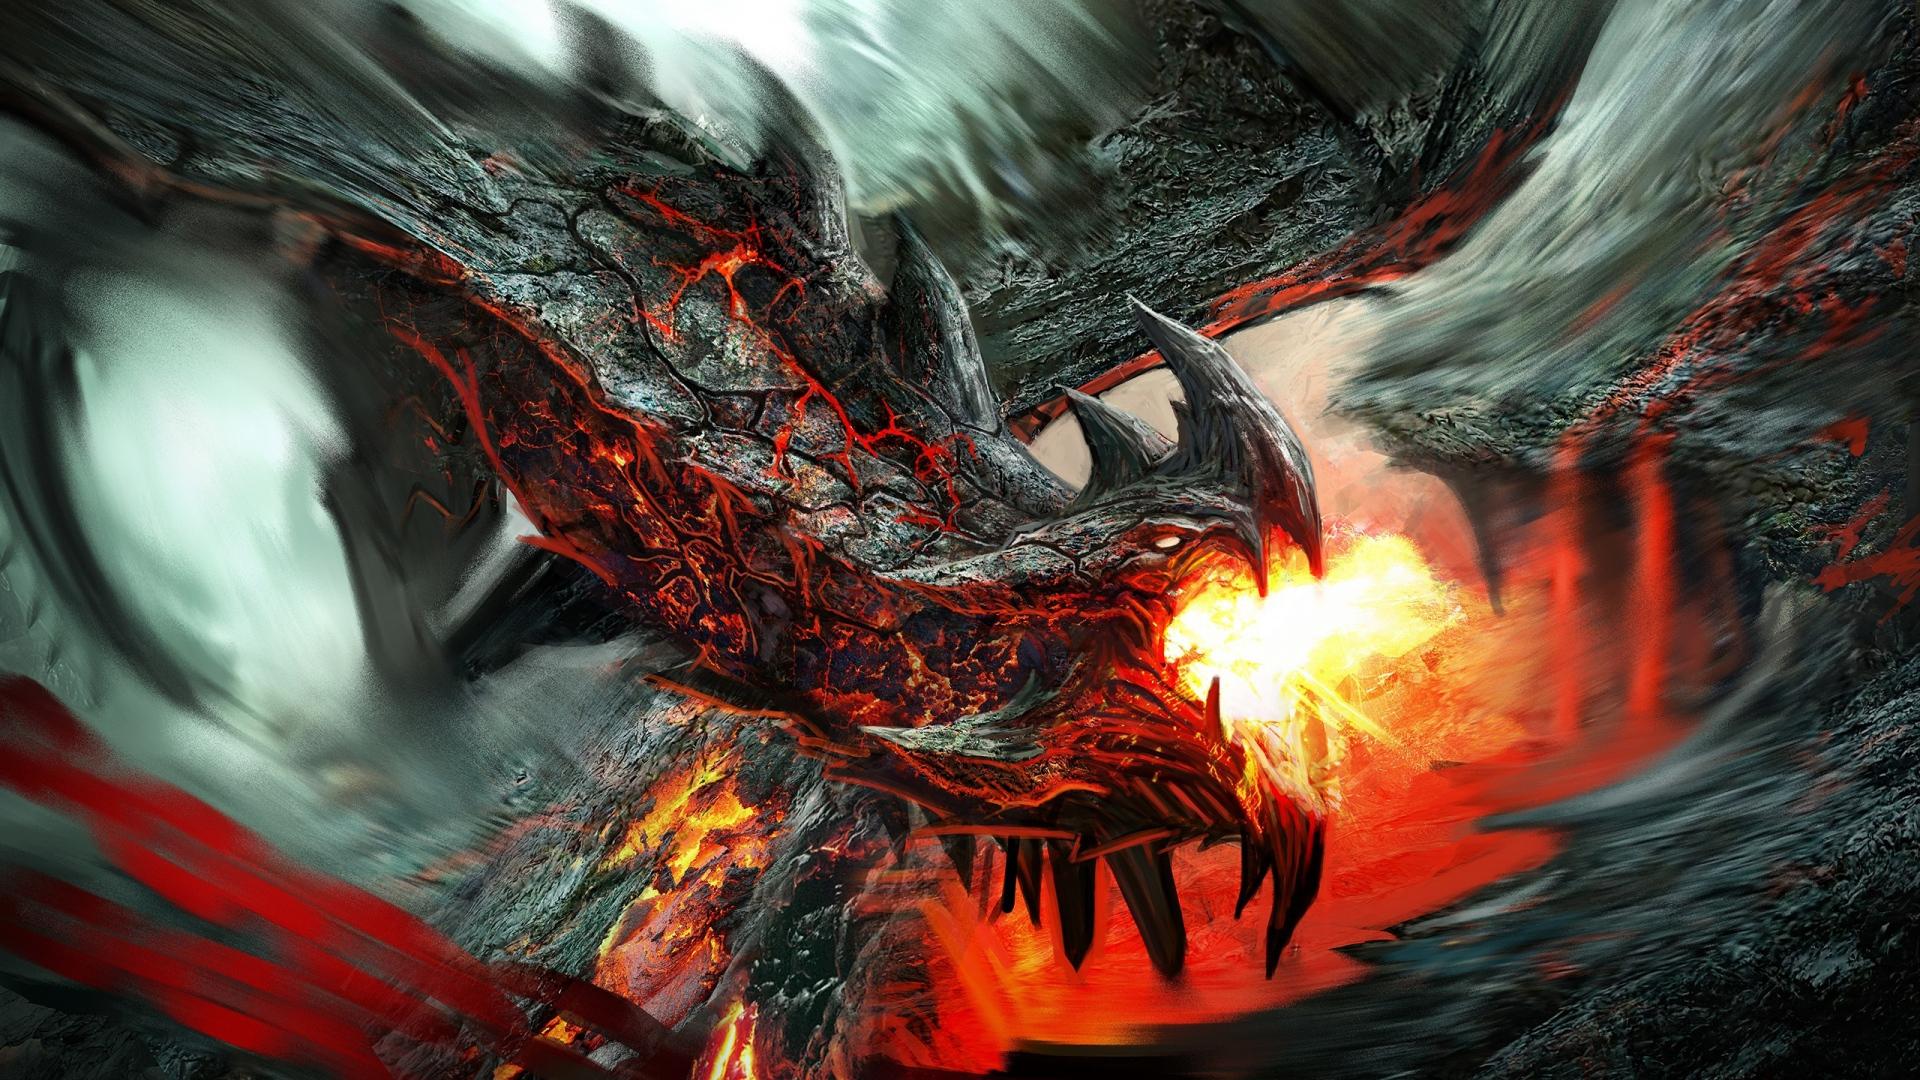 Dragonbg